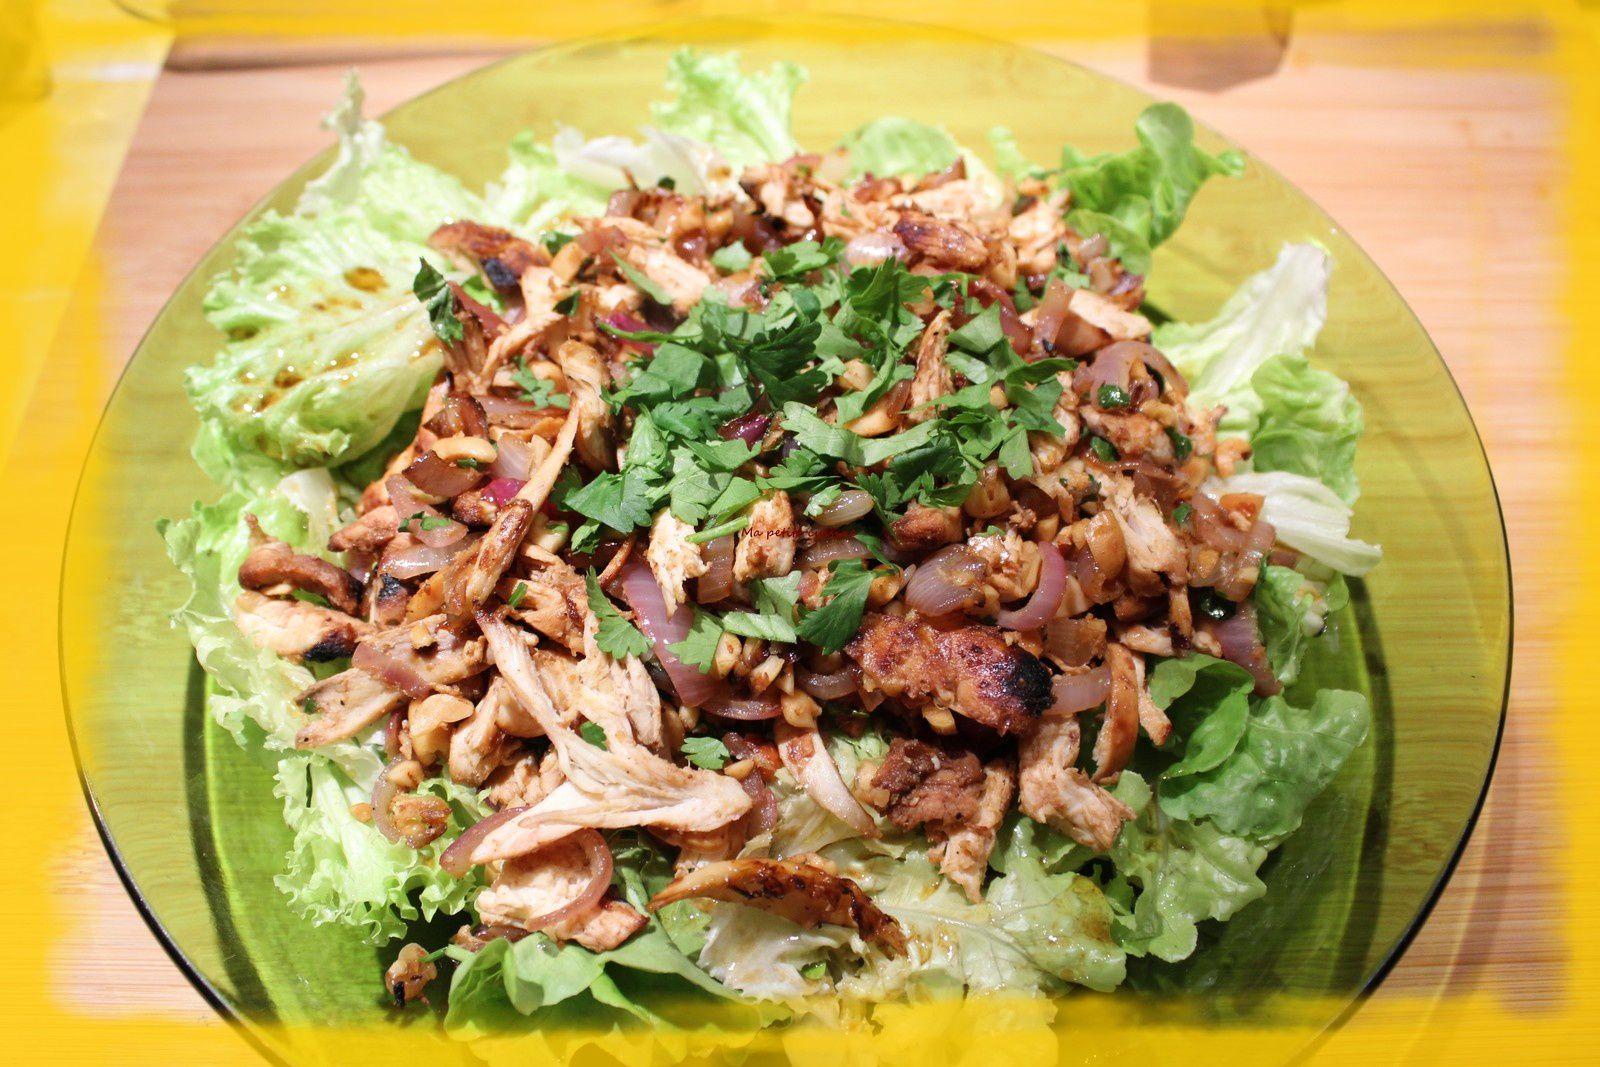 Salade façon asiatique avec restes de poulet